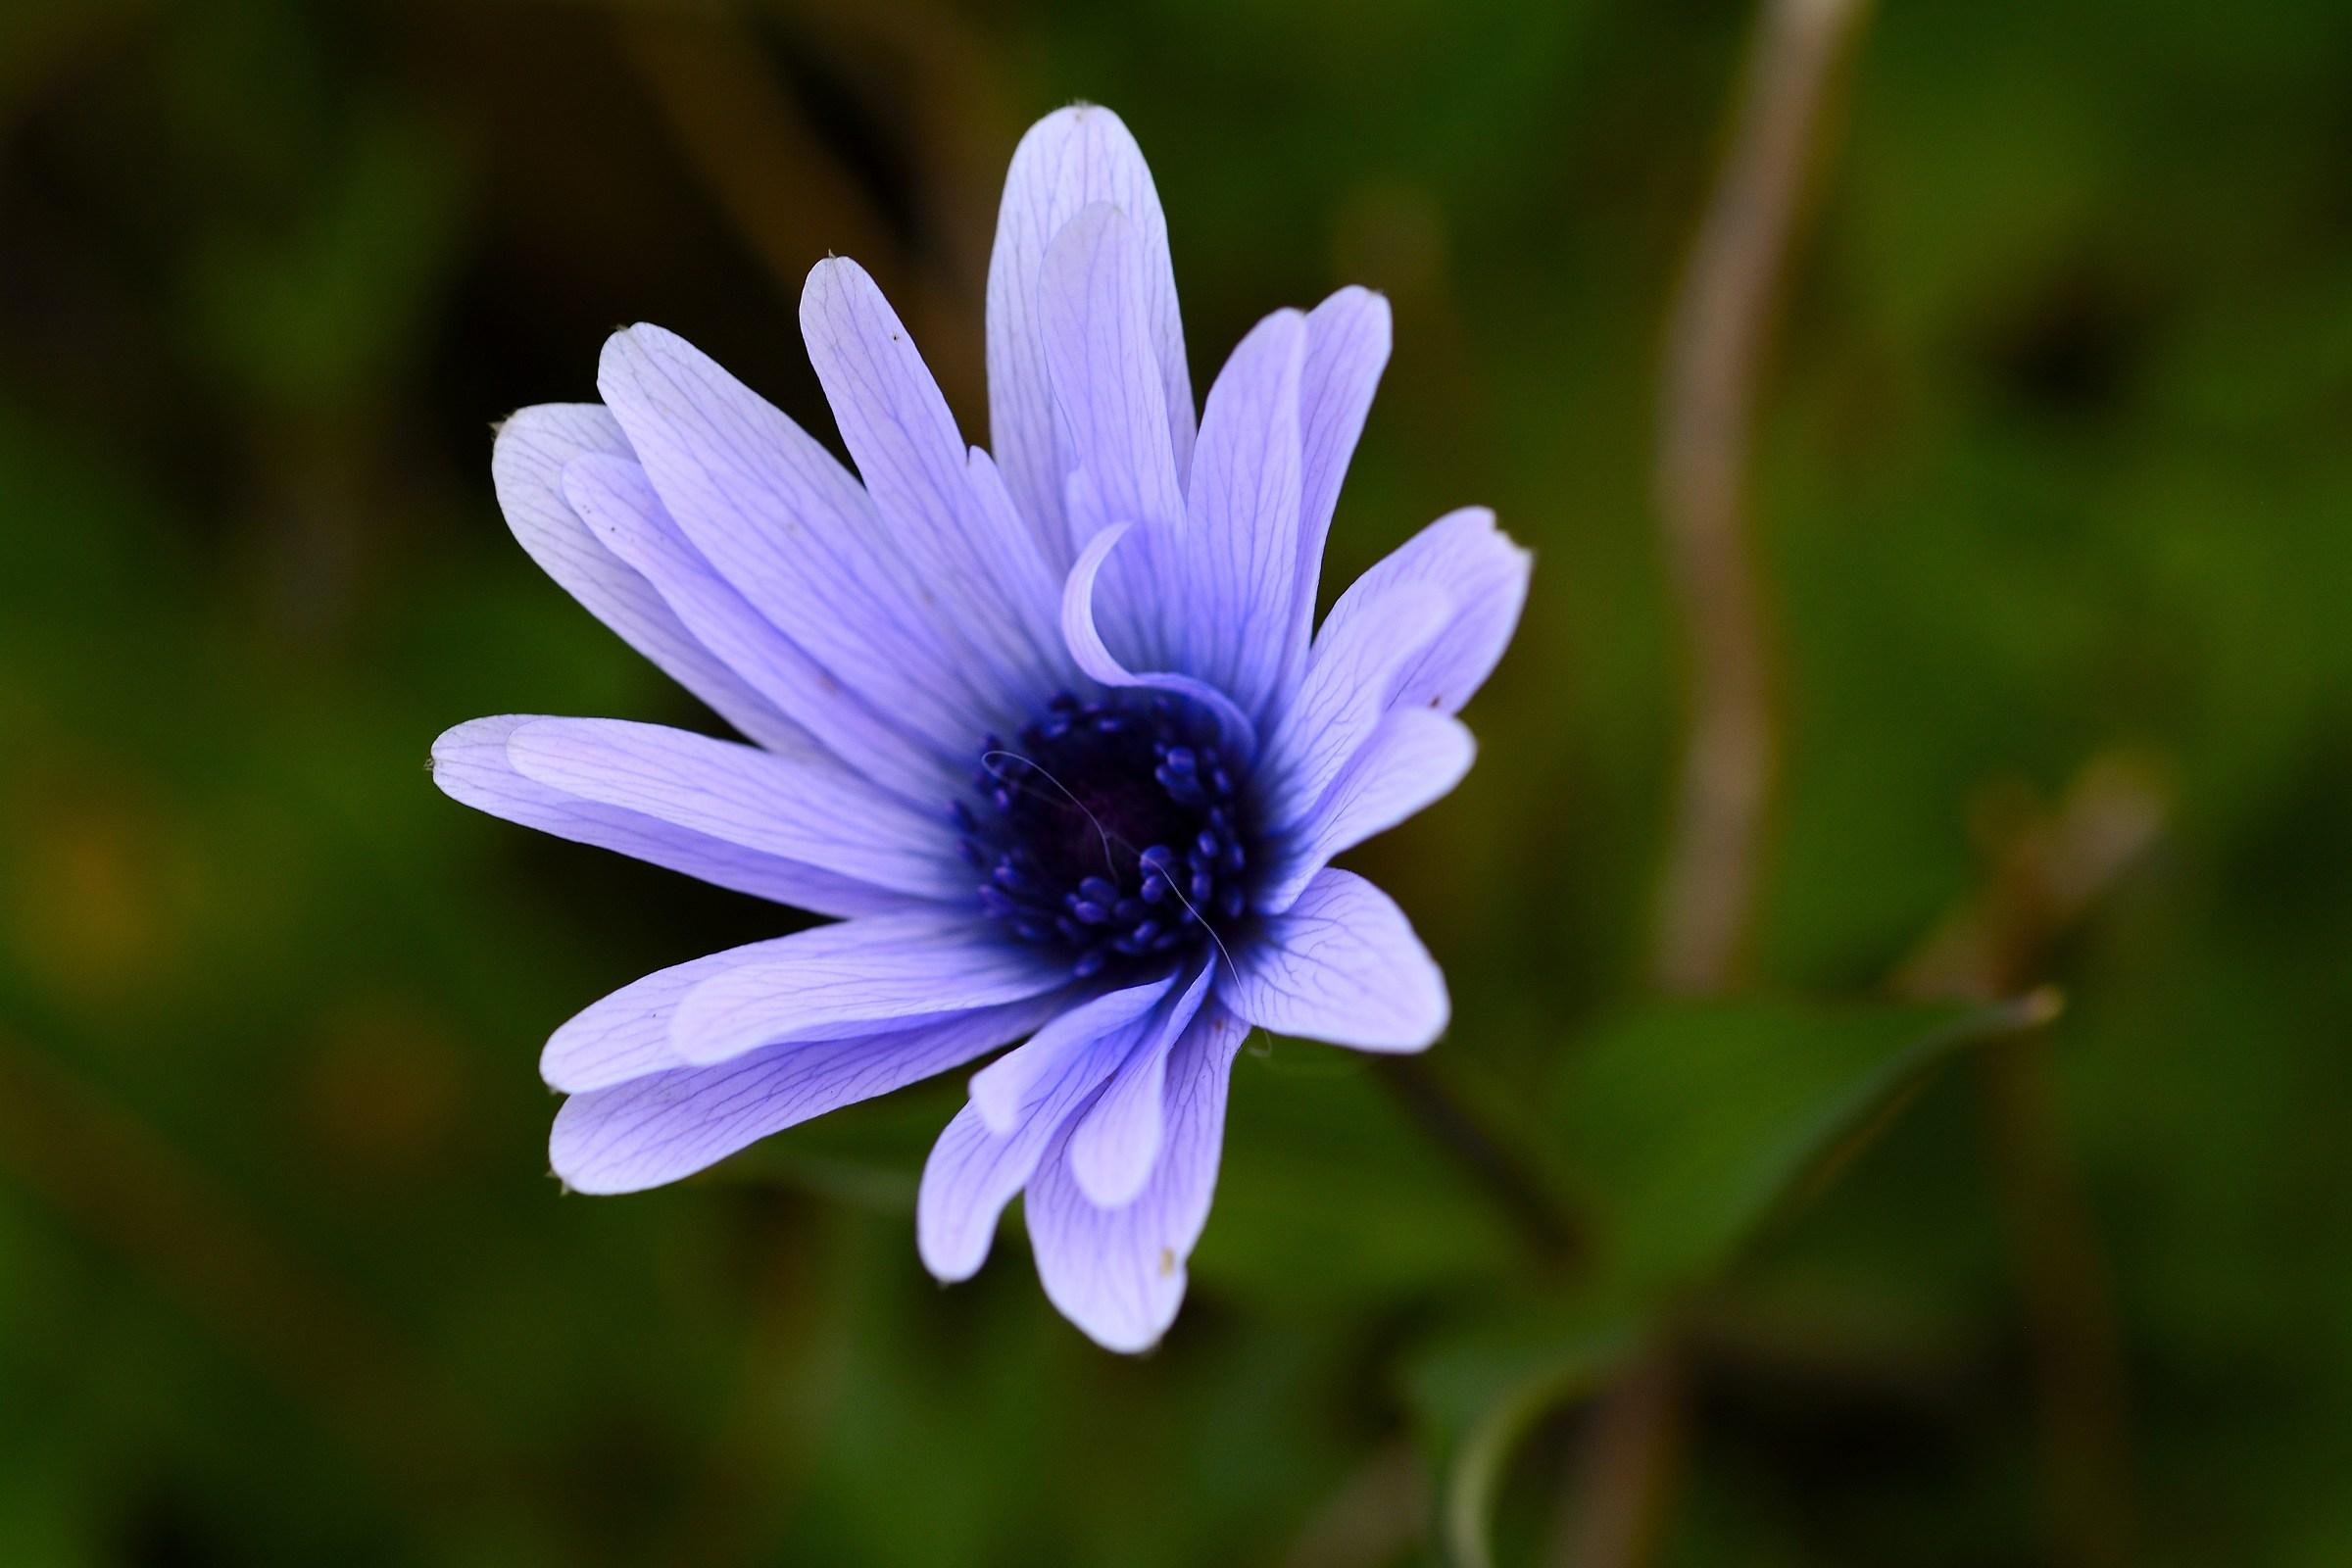 Flower in the garden...